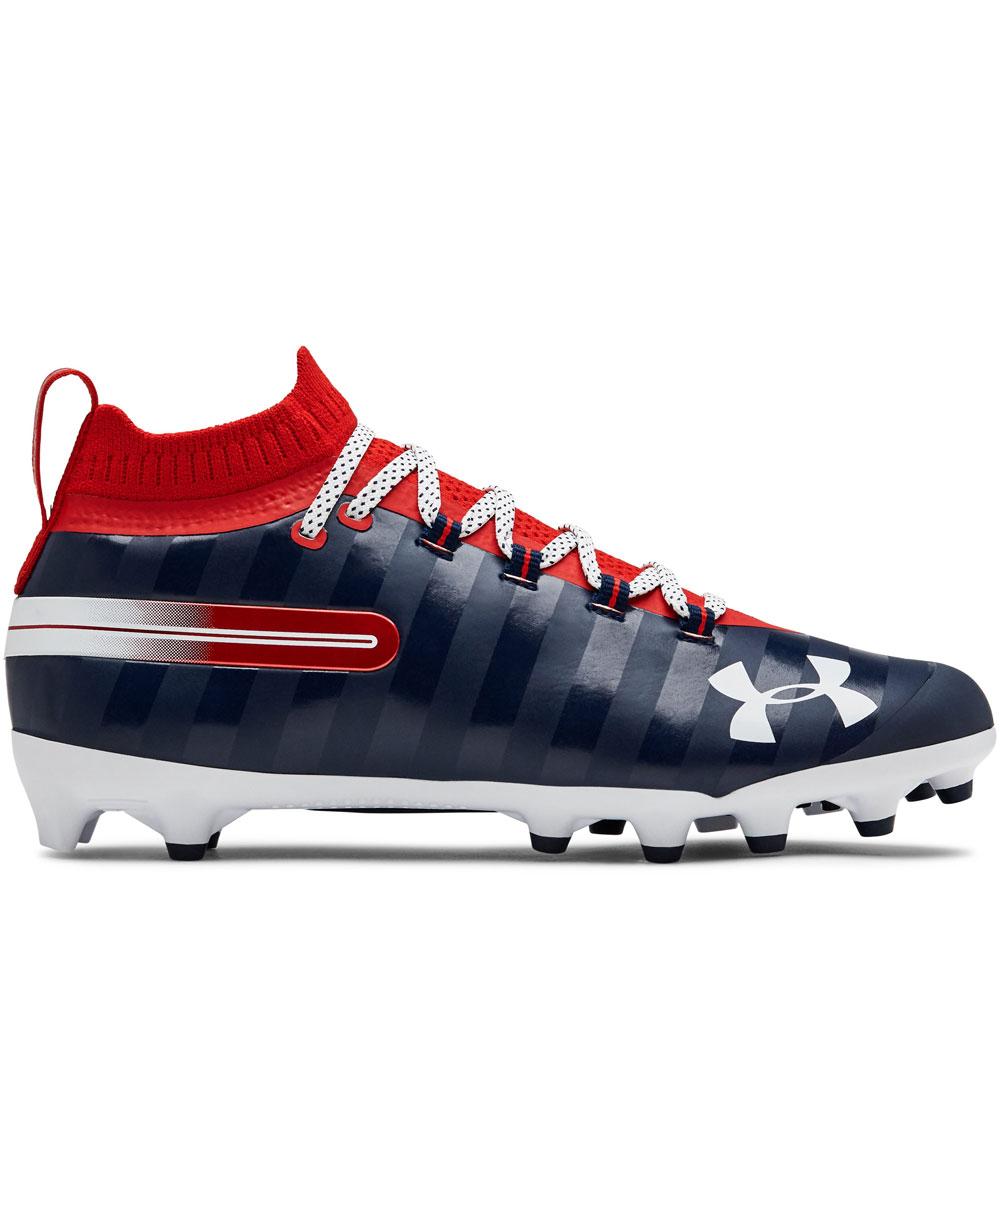 Spotlight LE Scarpe da Football Americano Uomo Red/Academy